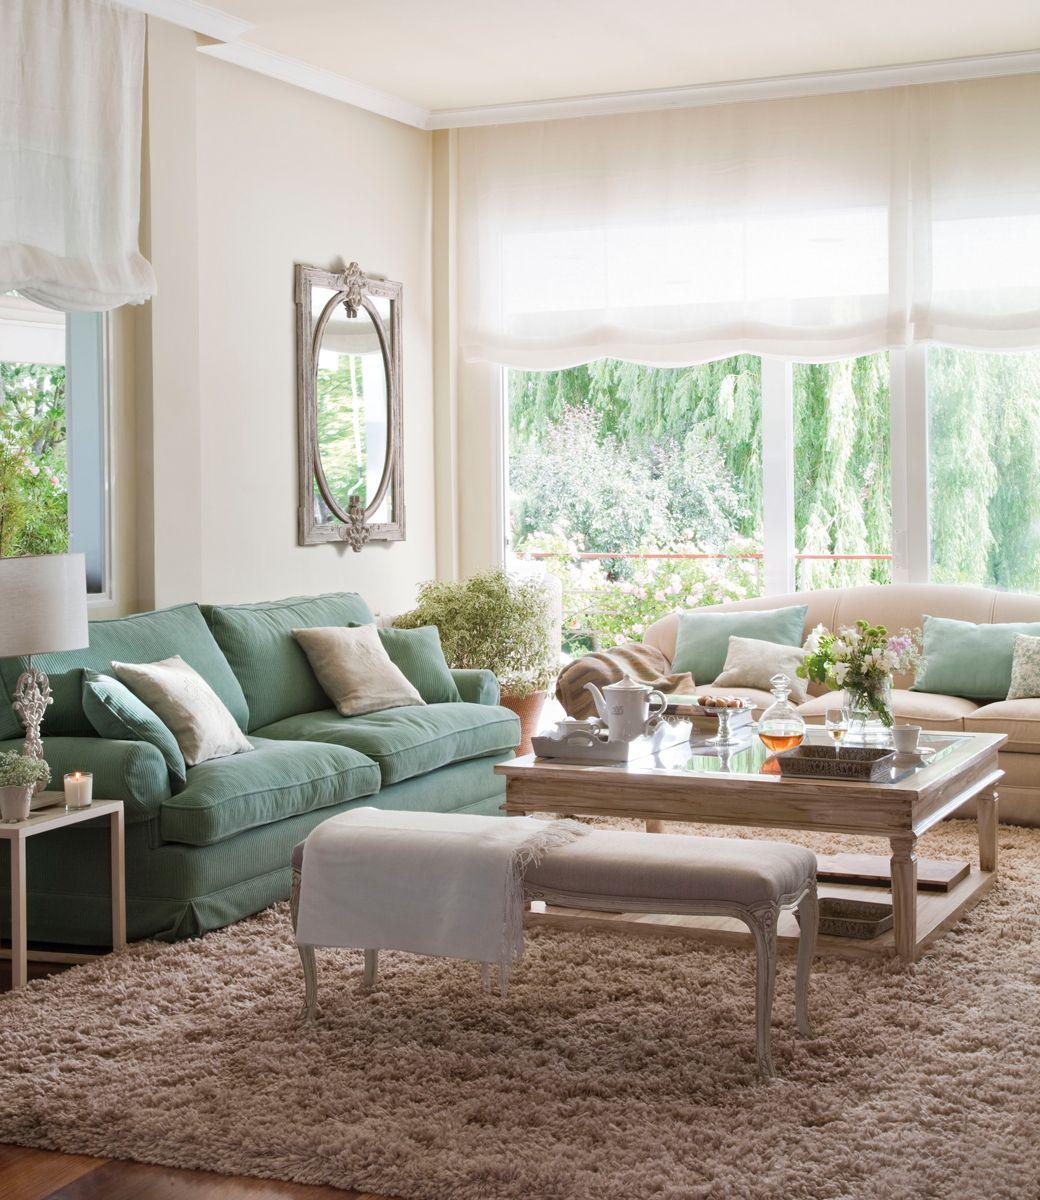 7-salón-con-sofá-verde,-alfombra-de-pelo-largo-marrón,-espejo